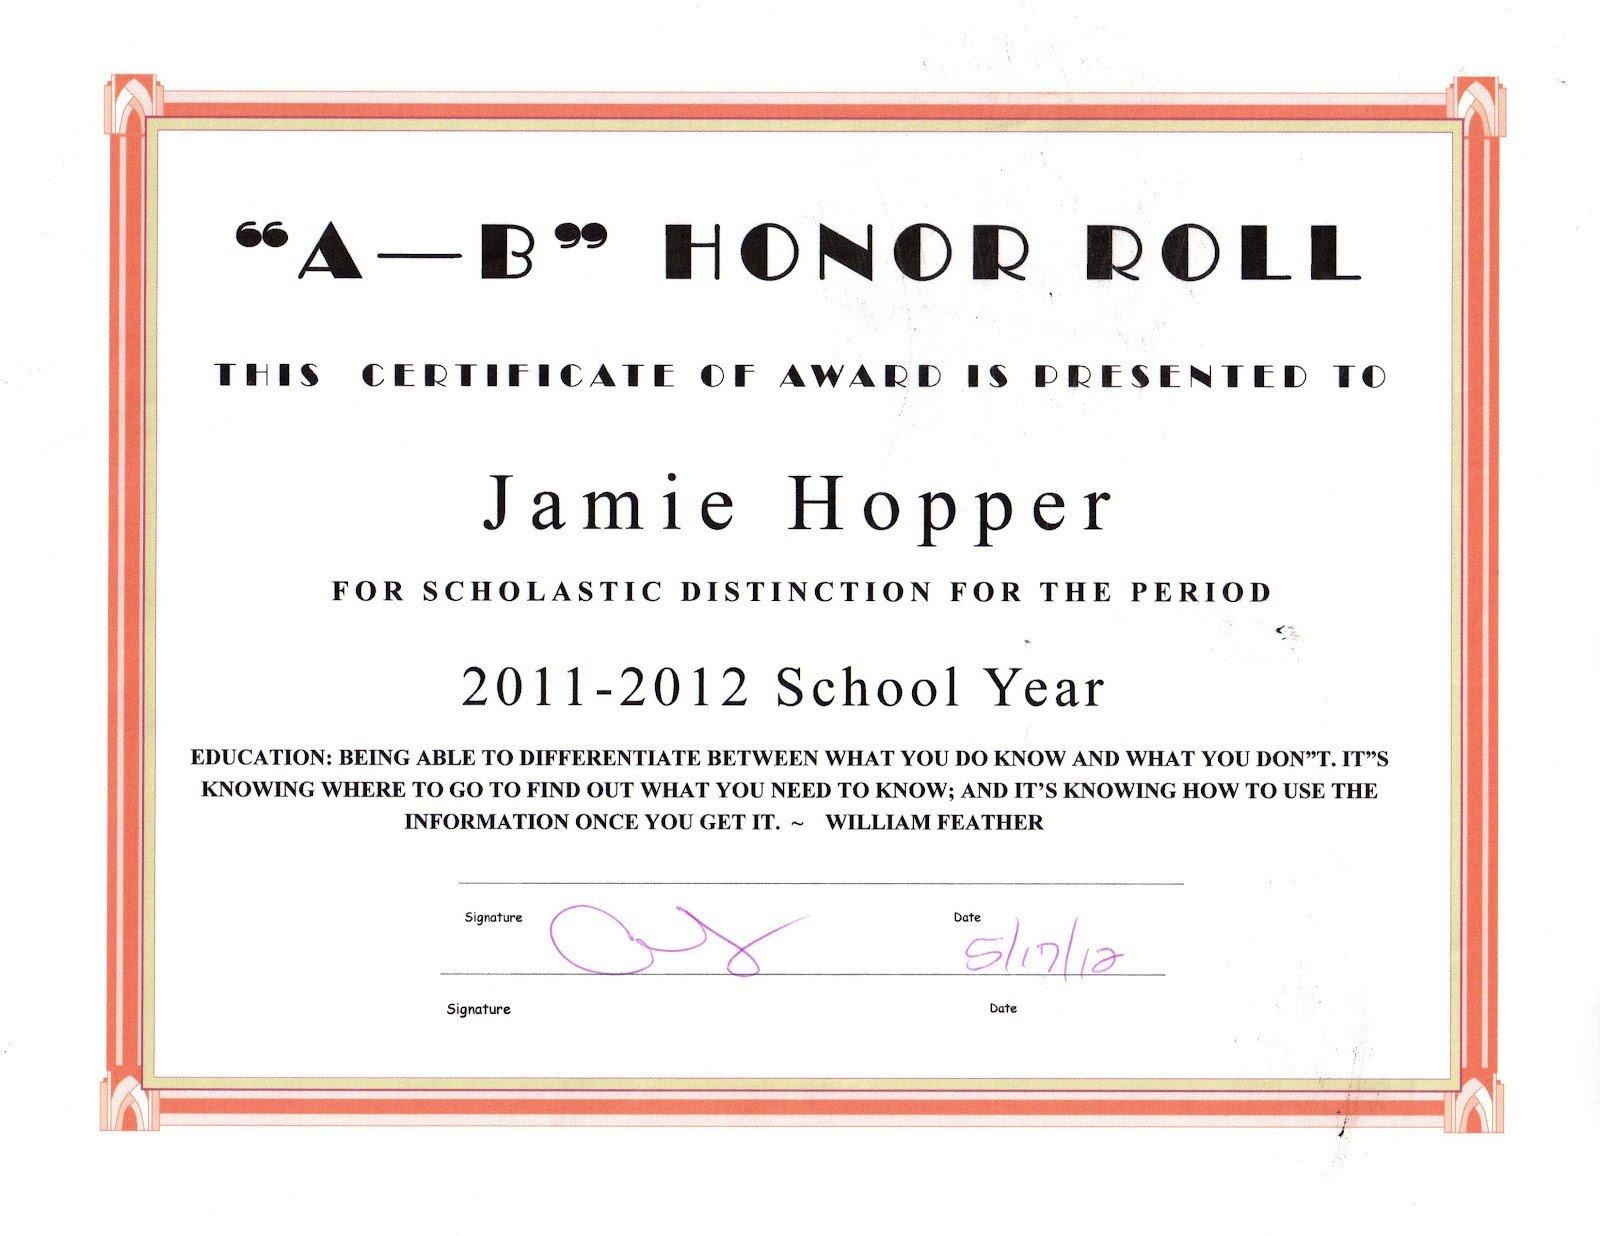 Honor Roll Certificate Template the Jason Hopper Family June 2012